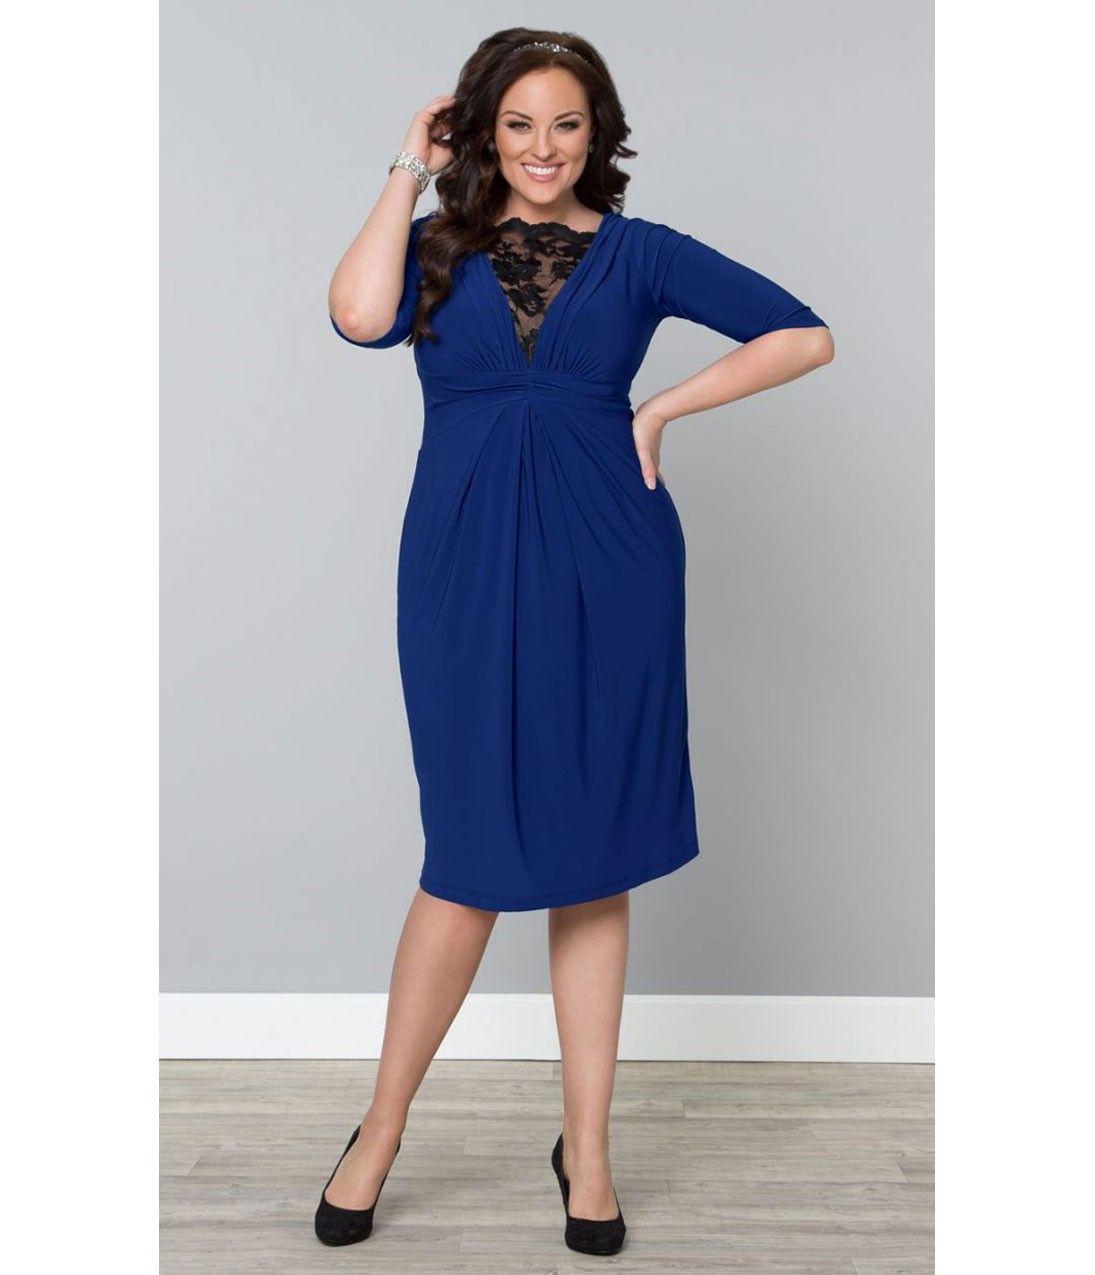 Plus Size Cobalt Blue Lace Signature Cocktail Dress Http